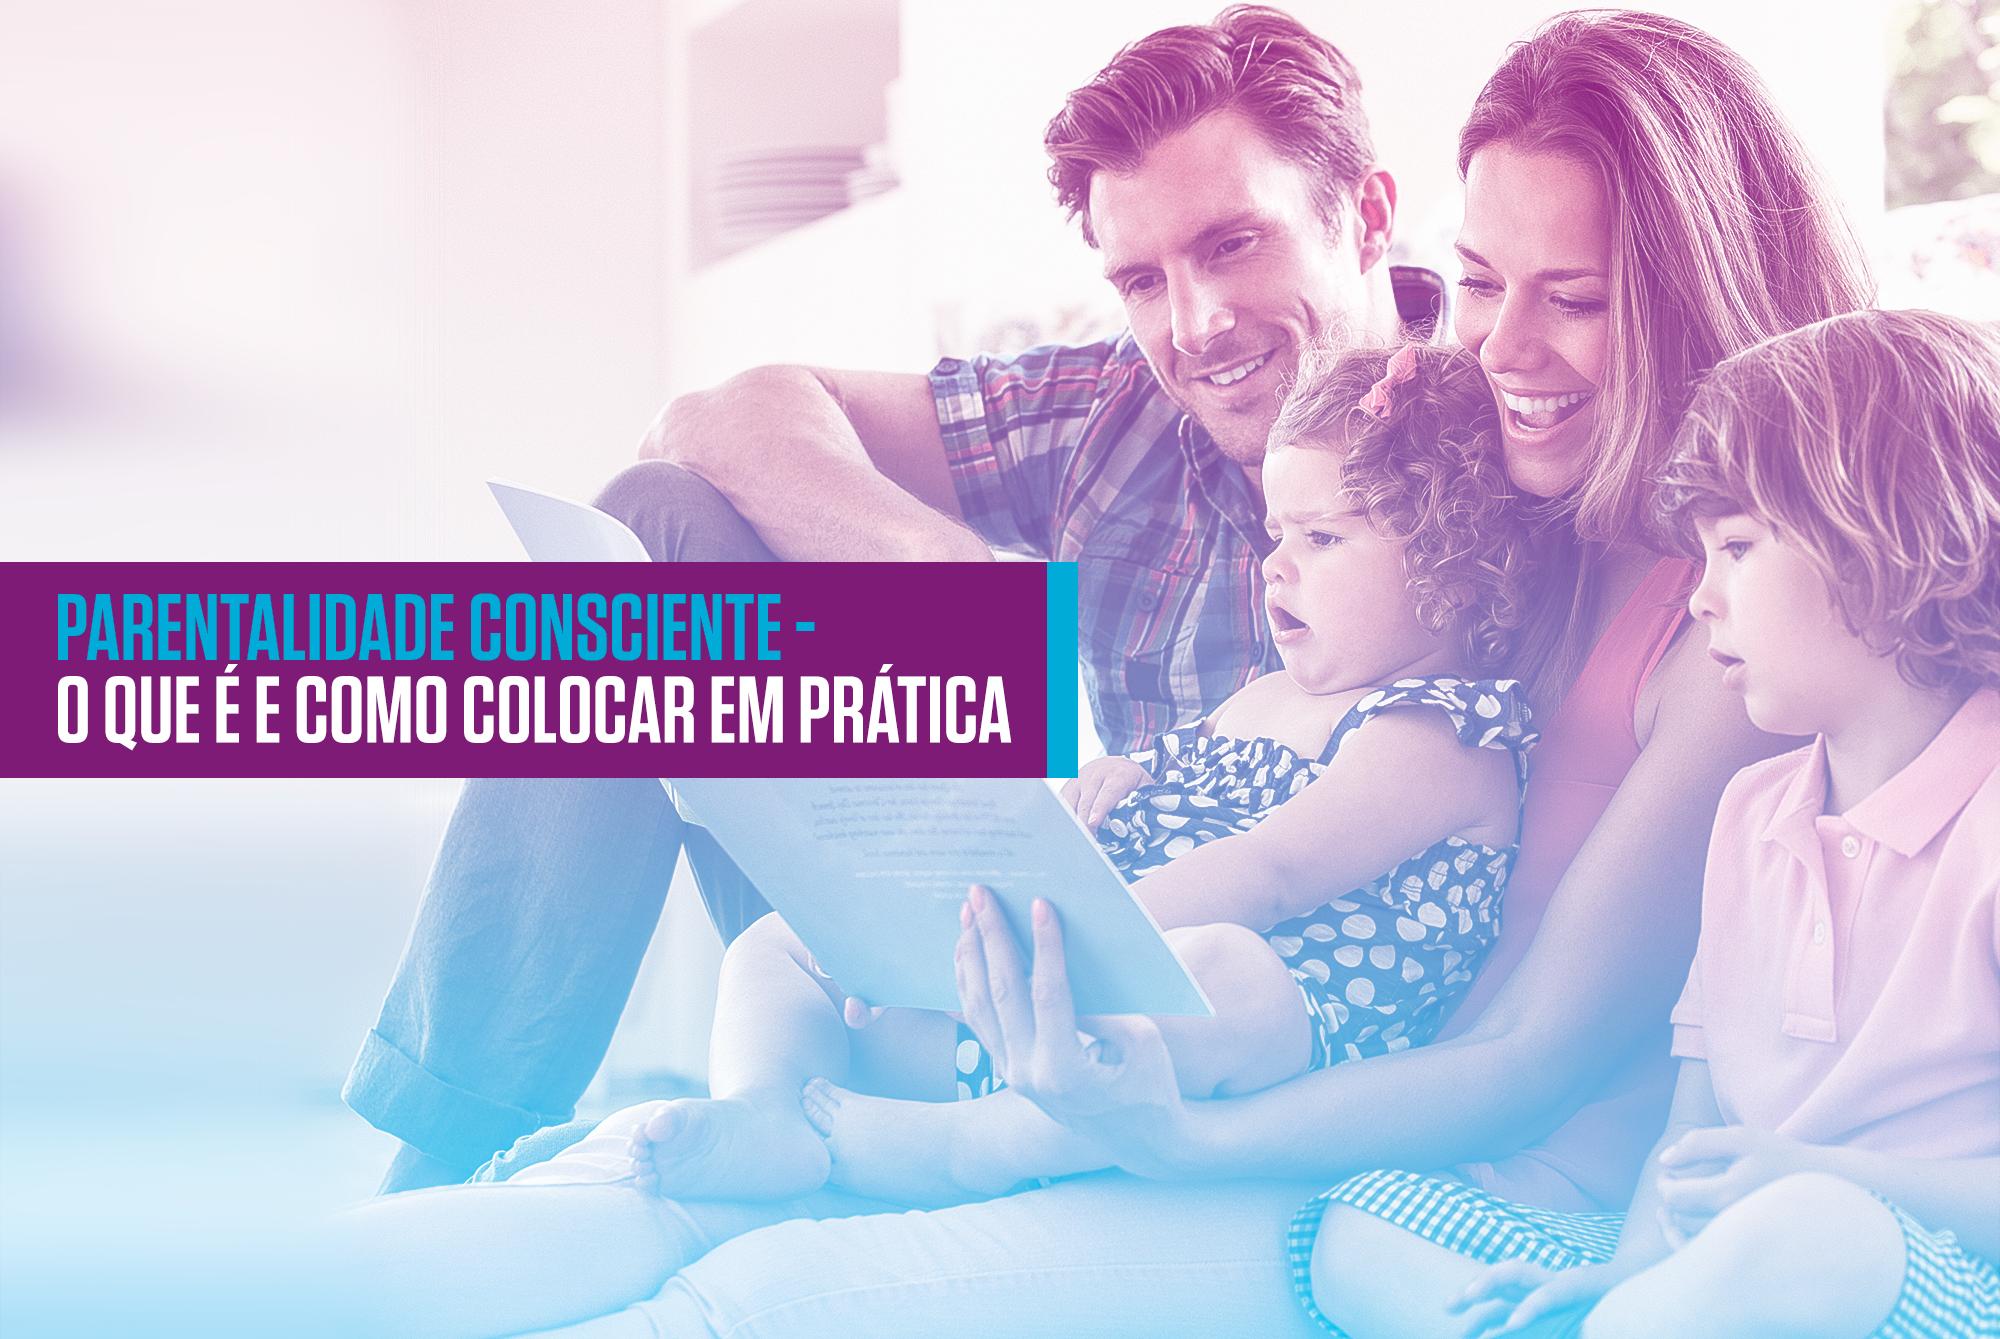 PARENTALIDADE CONSCIENTE – O QUE É E COMO COLOCAR EM PRÁTICA